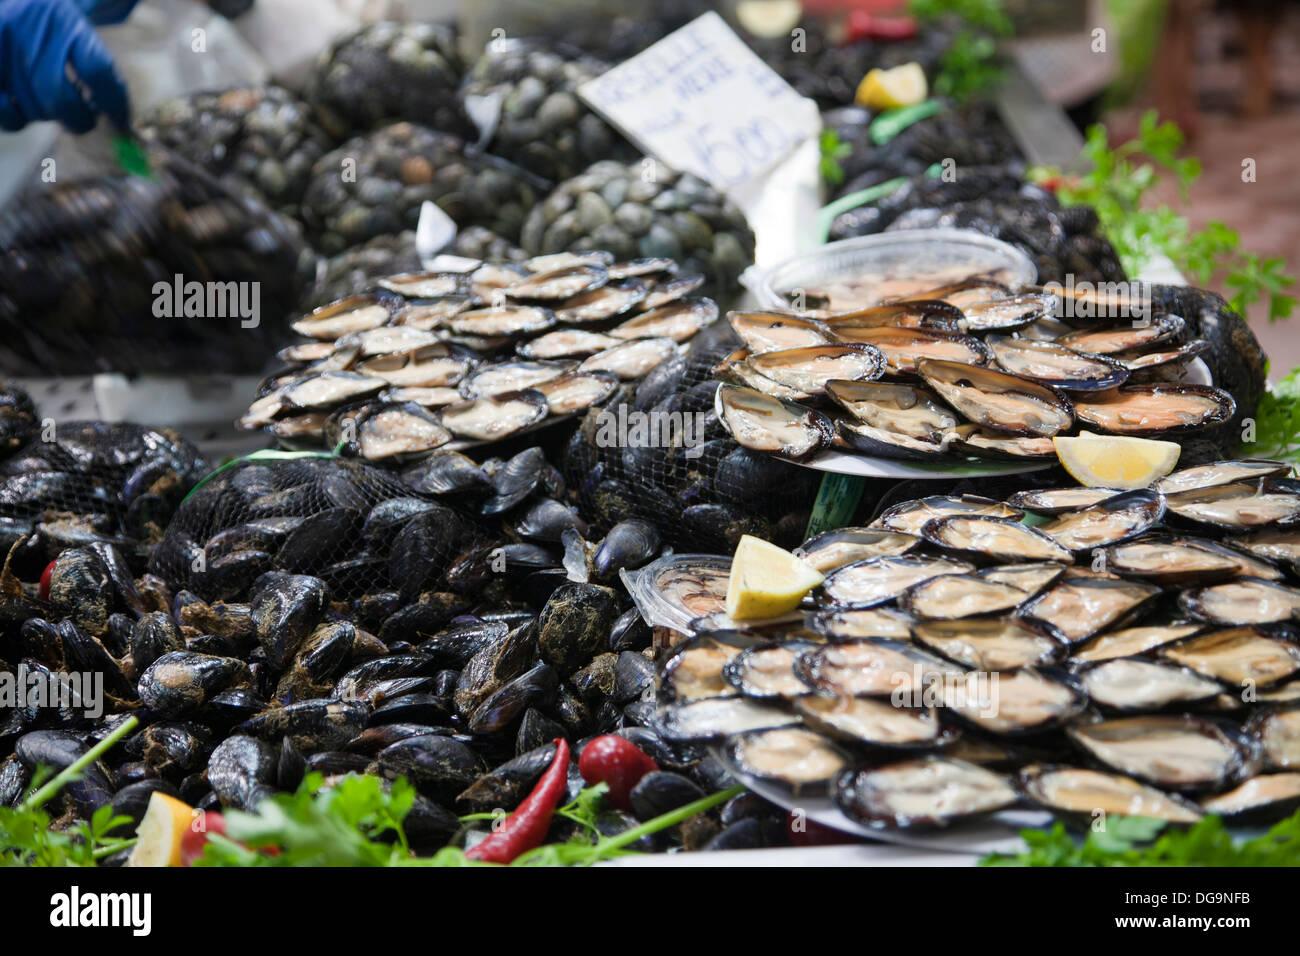 Mercato Comunale di San Benedetto in Cagliari - Shellfish - Sardinia - Stock Image